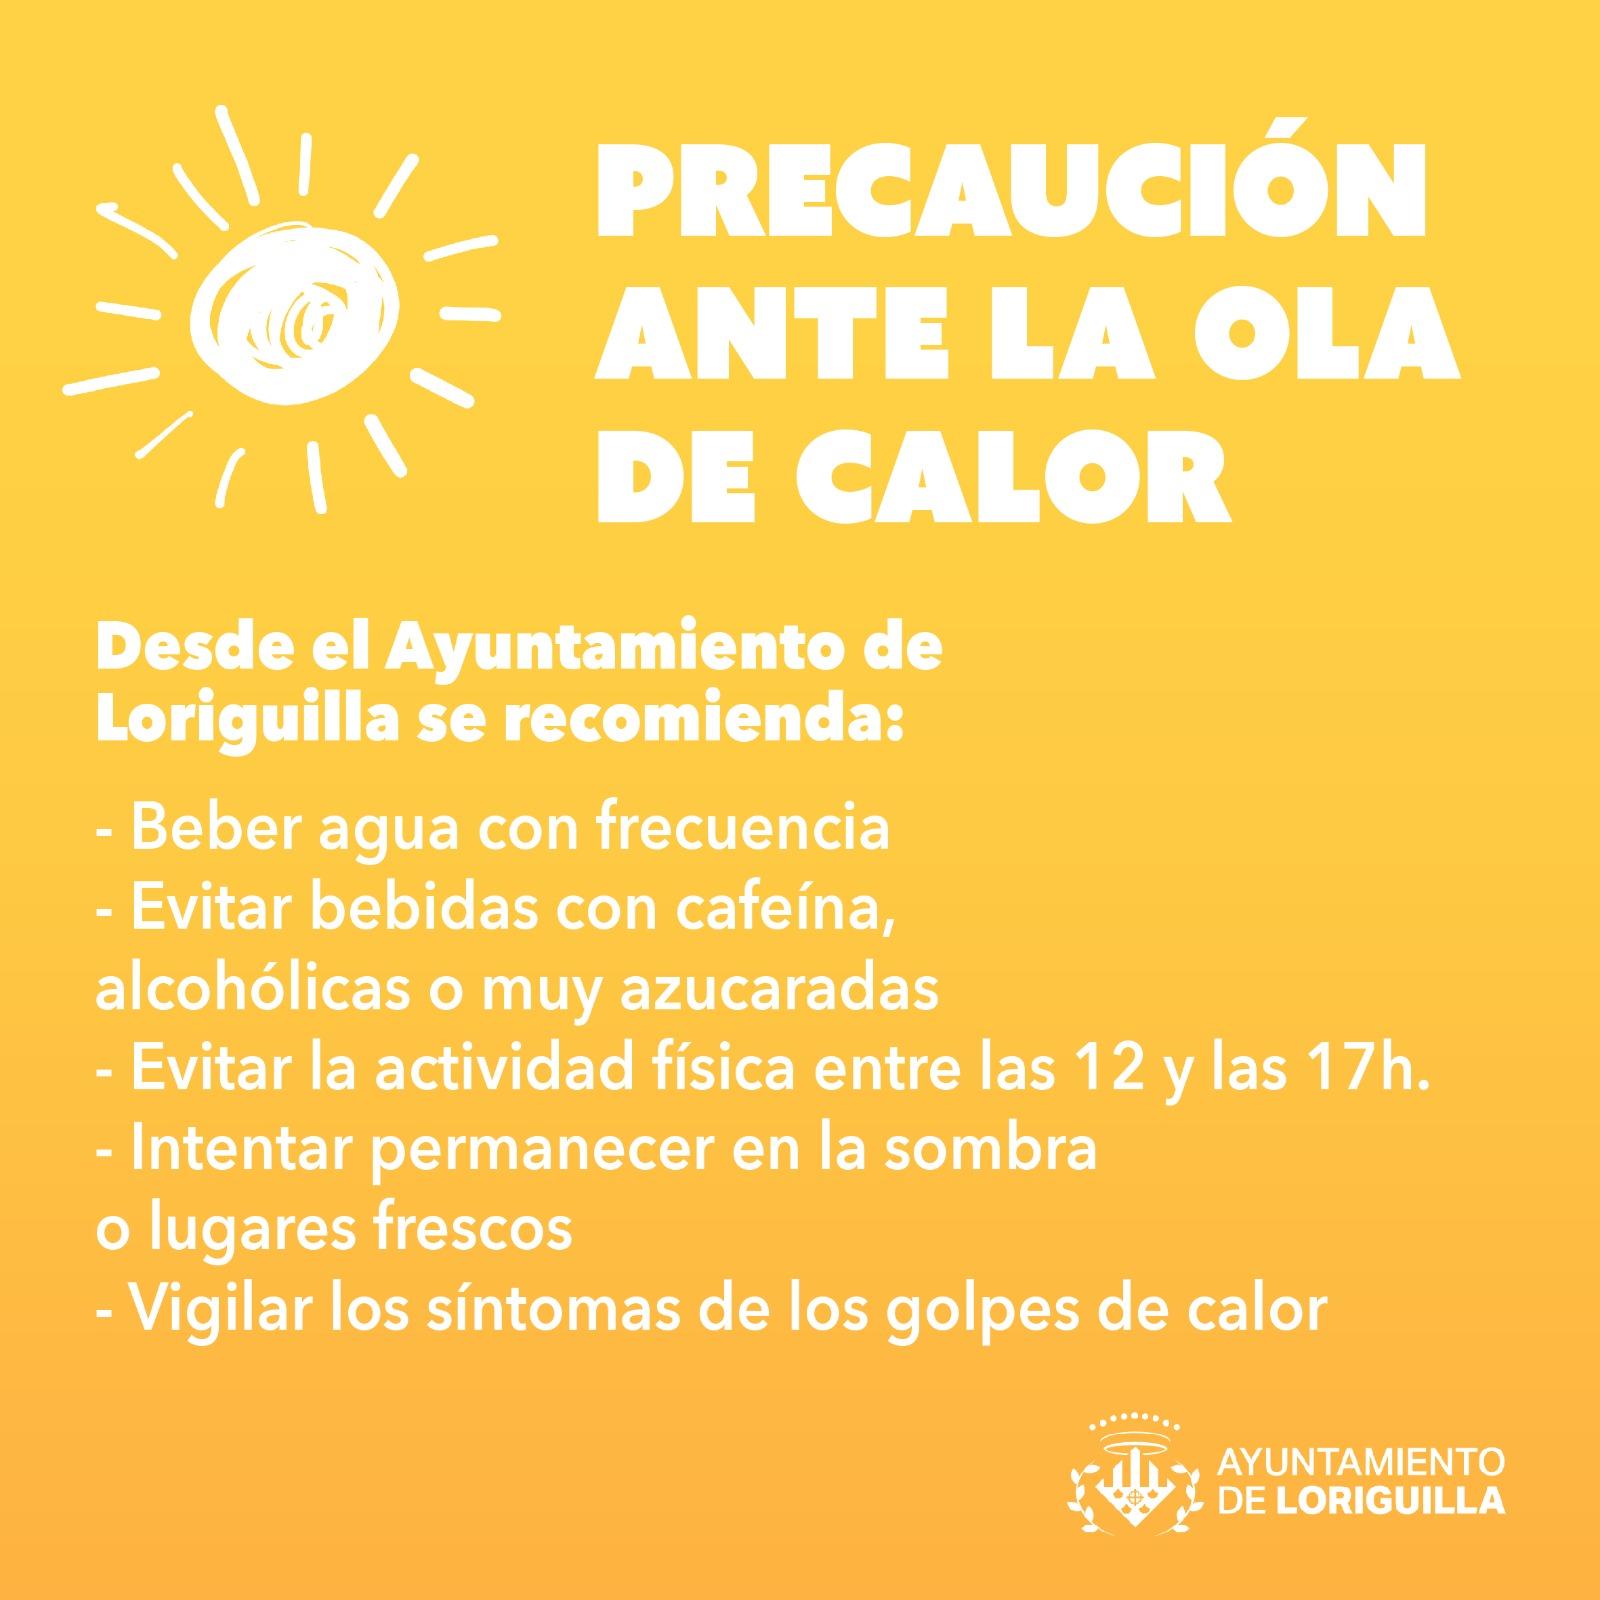 Precaución ante la ola de calor en Loriguilla